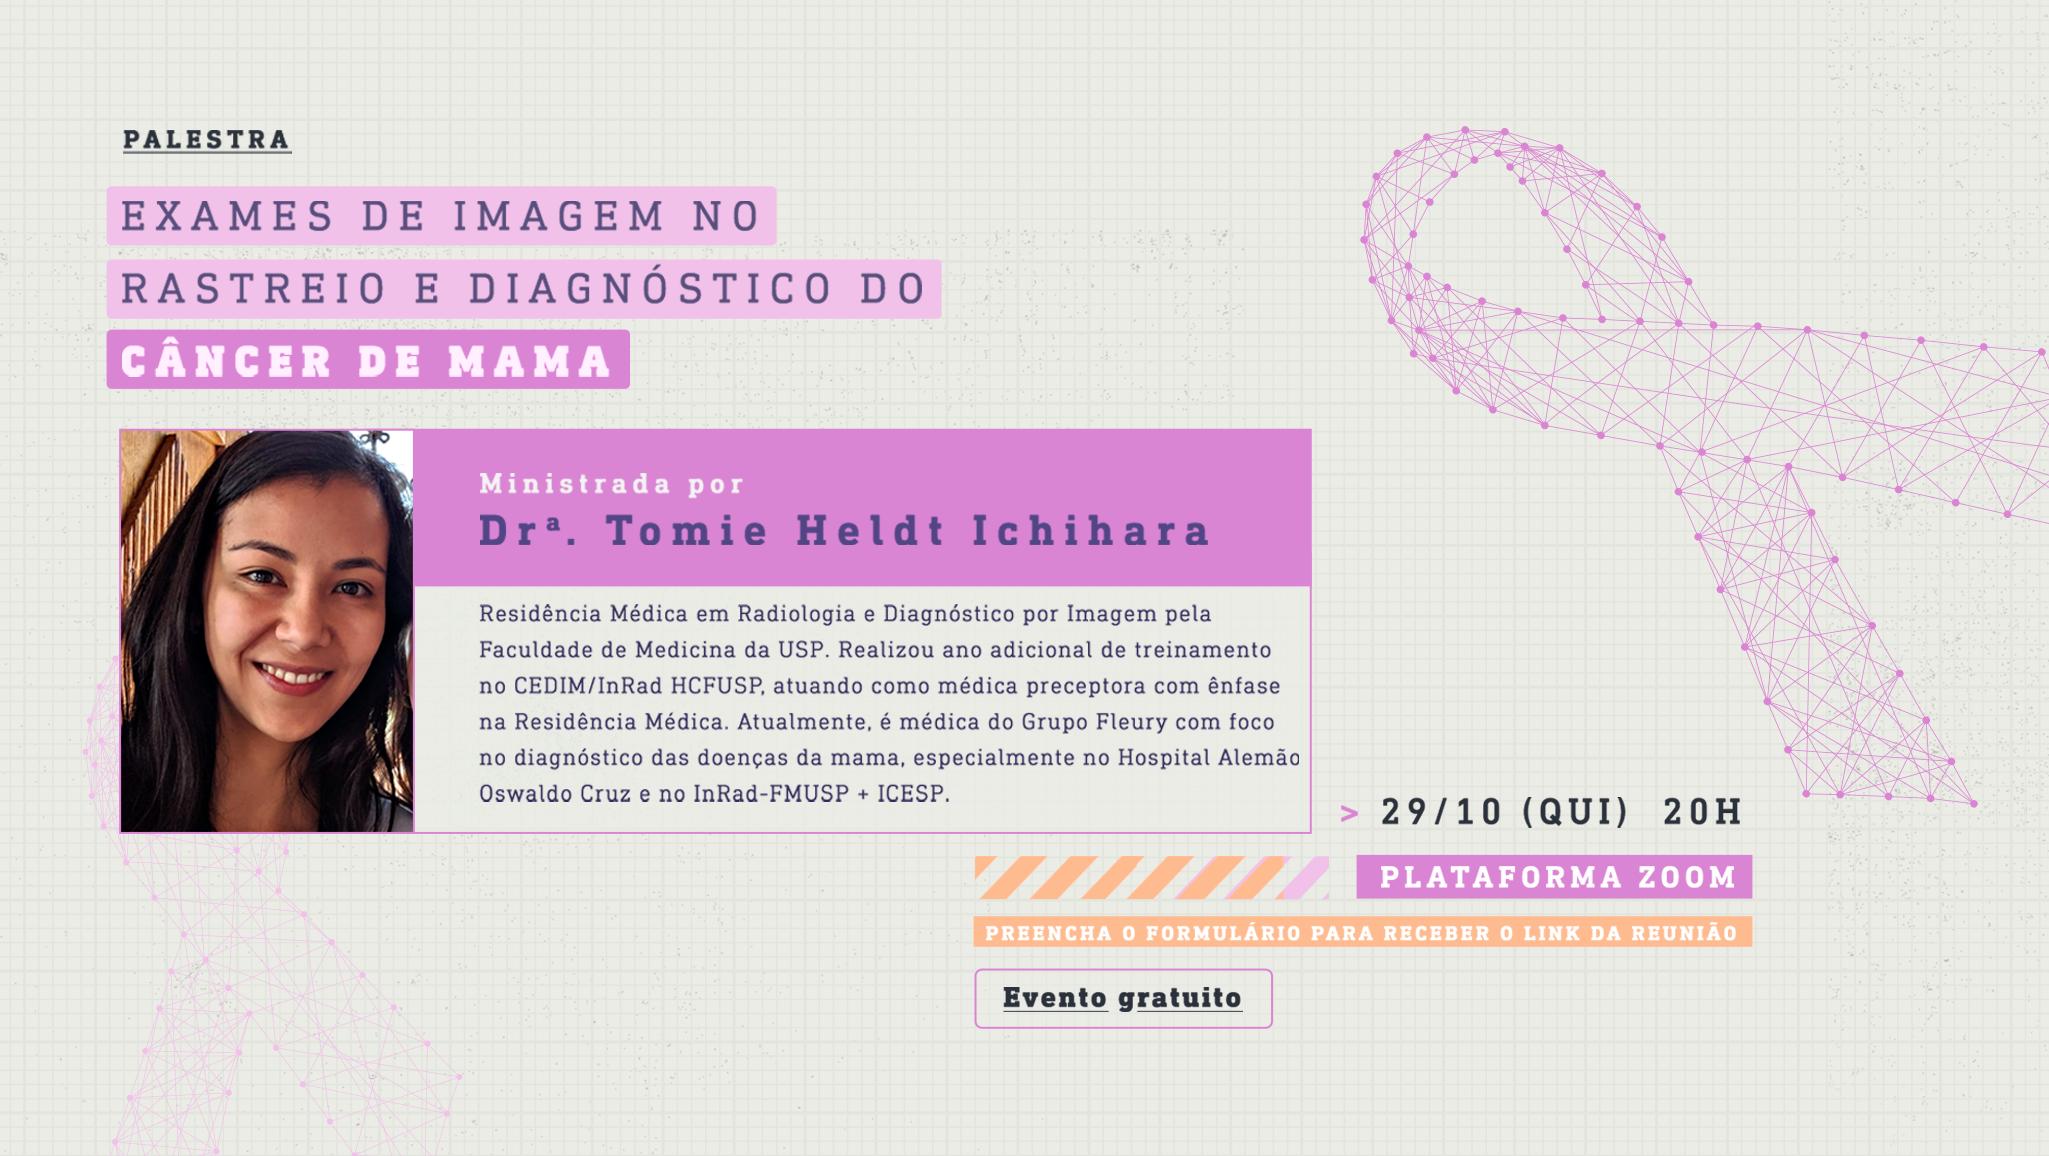 [Webinar] Exames de Imagem no Rastreio e Diagnóstico do Câncer de Mama